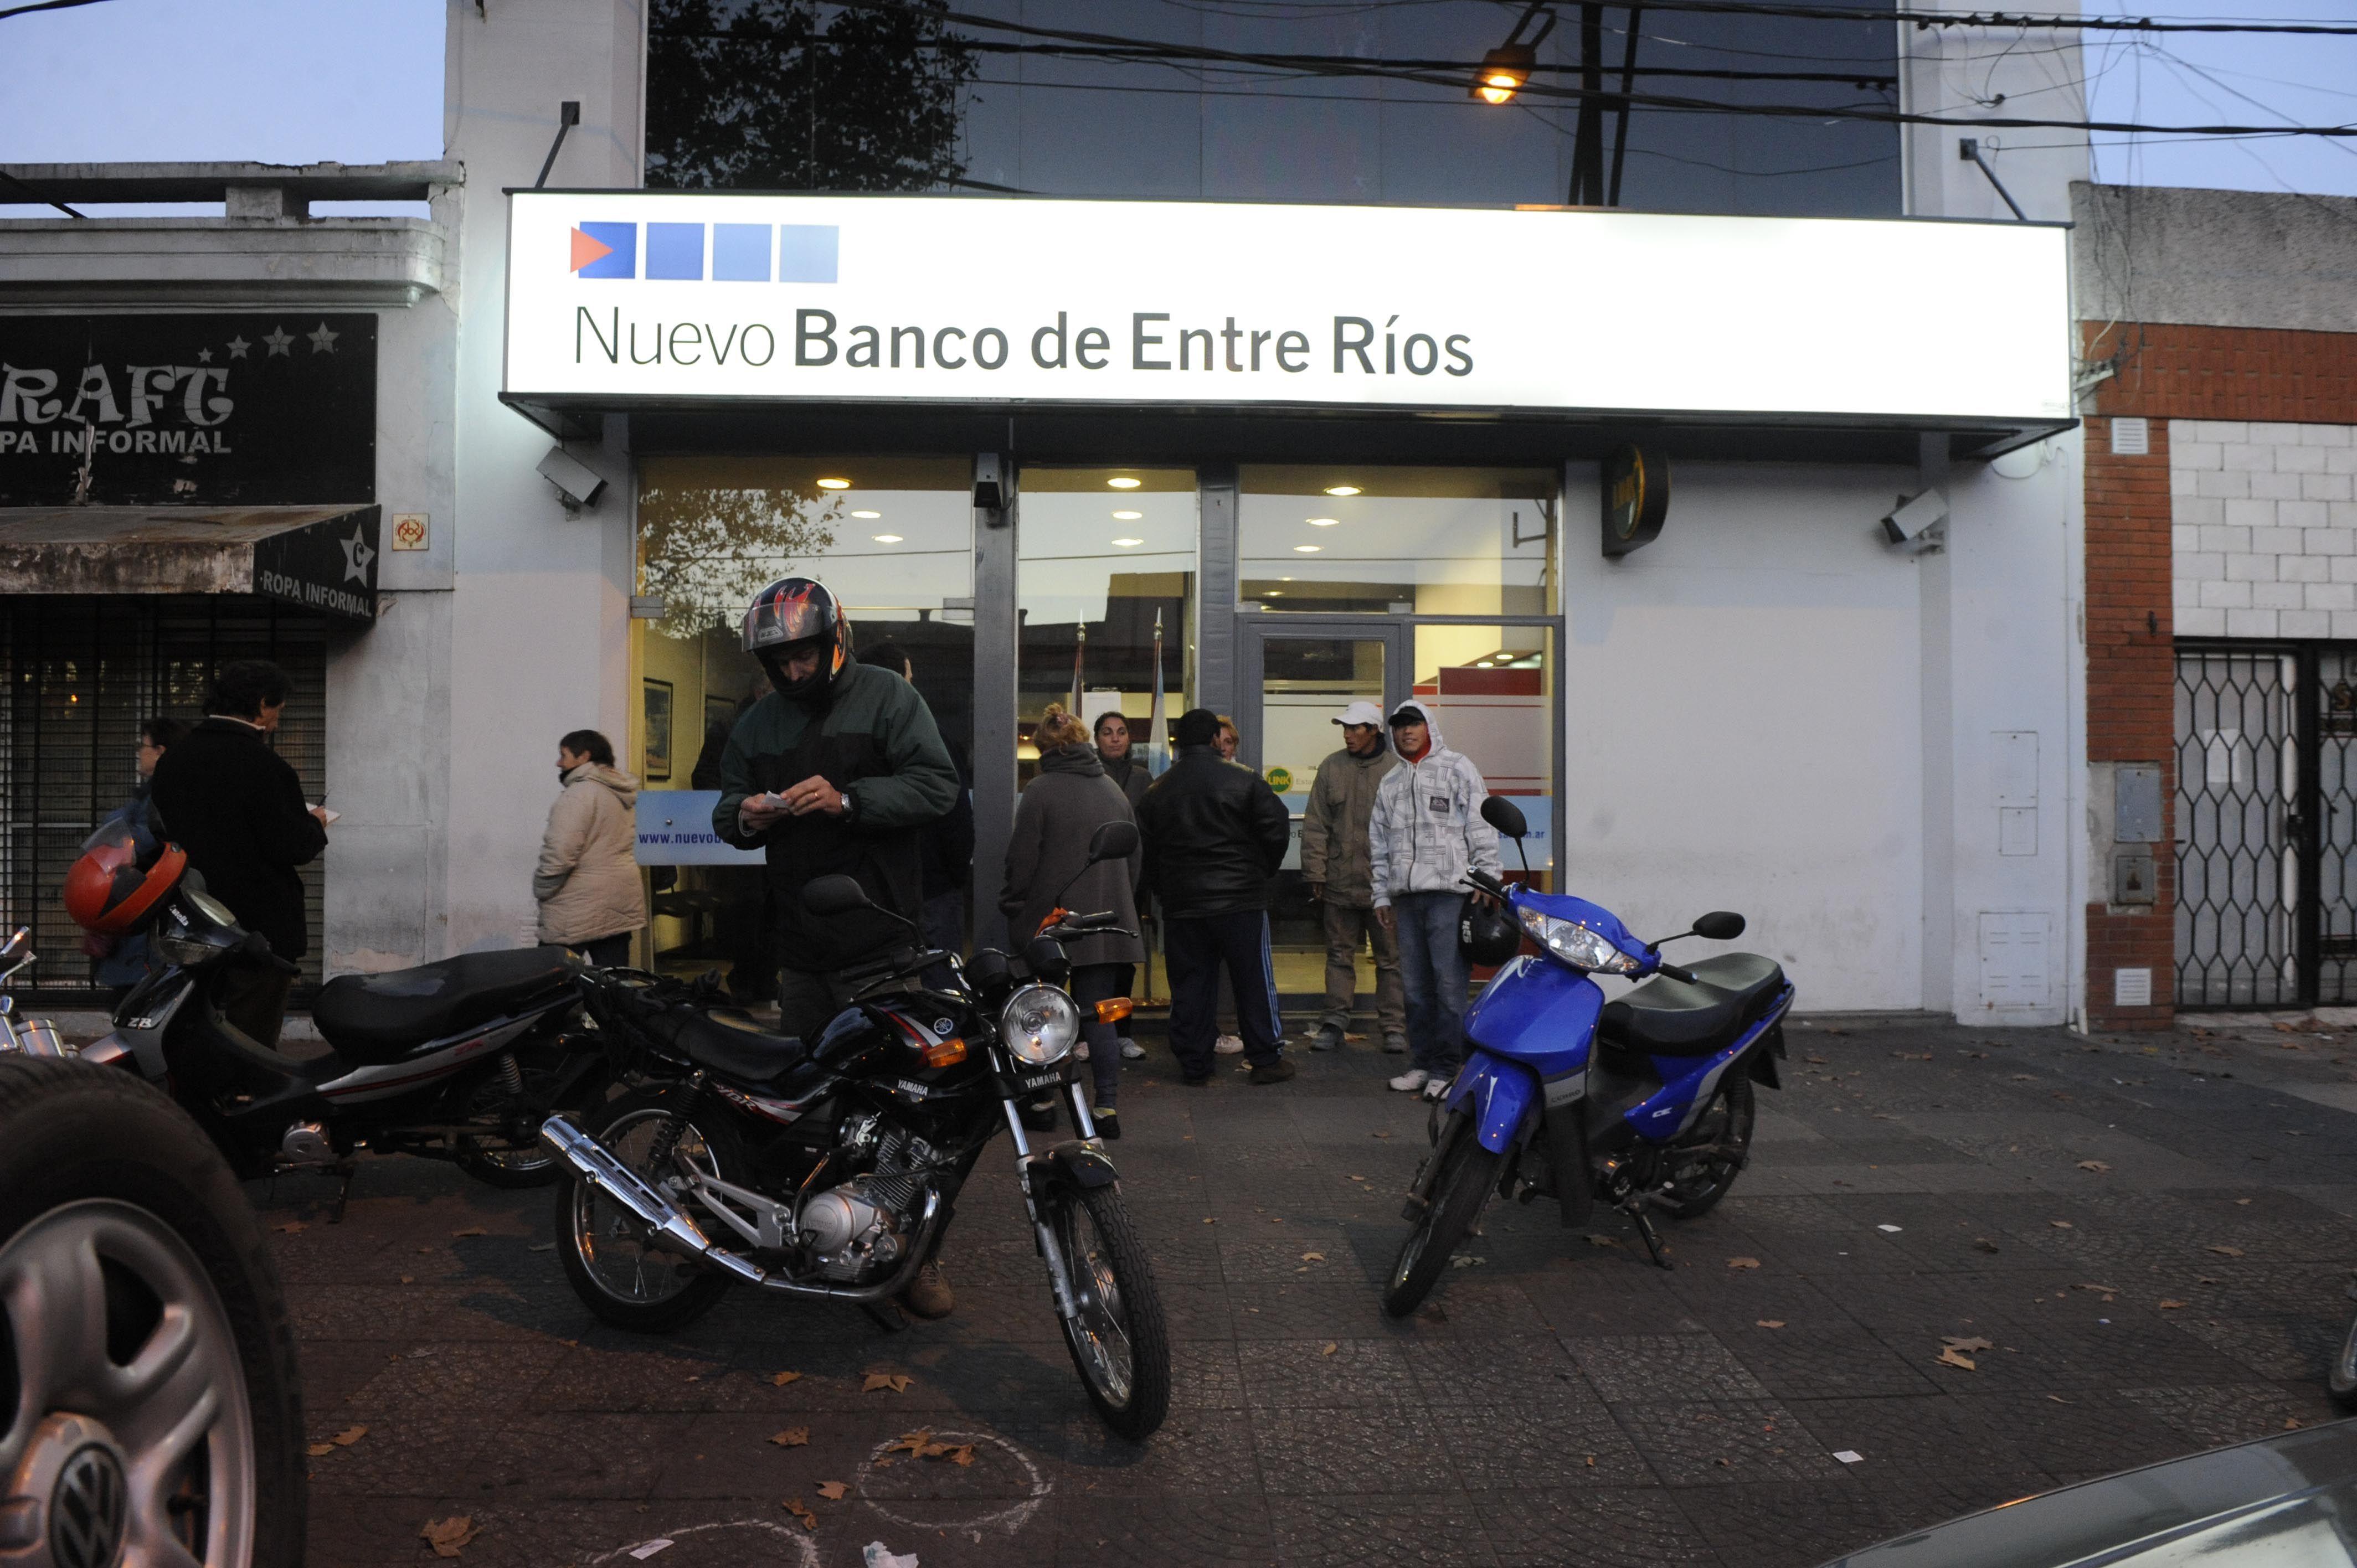 Los portavalores de la empresa Prosegur fue abordados por tres delincuentes frente a la sucursal del Nuevo Banco de Entre Ríos (Foto: M. Bustamante).